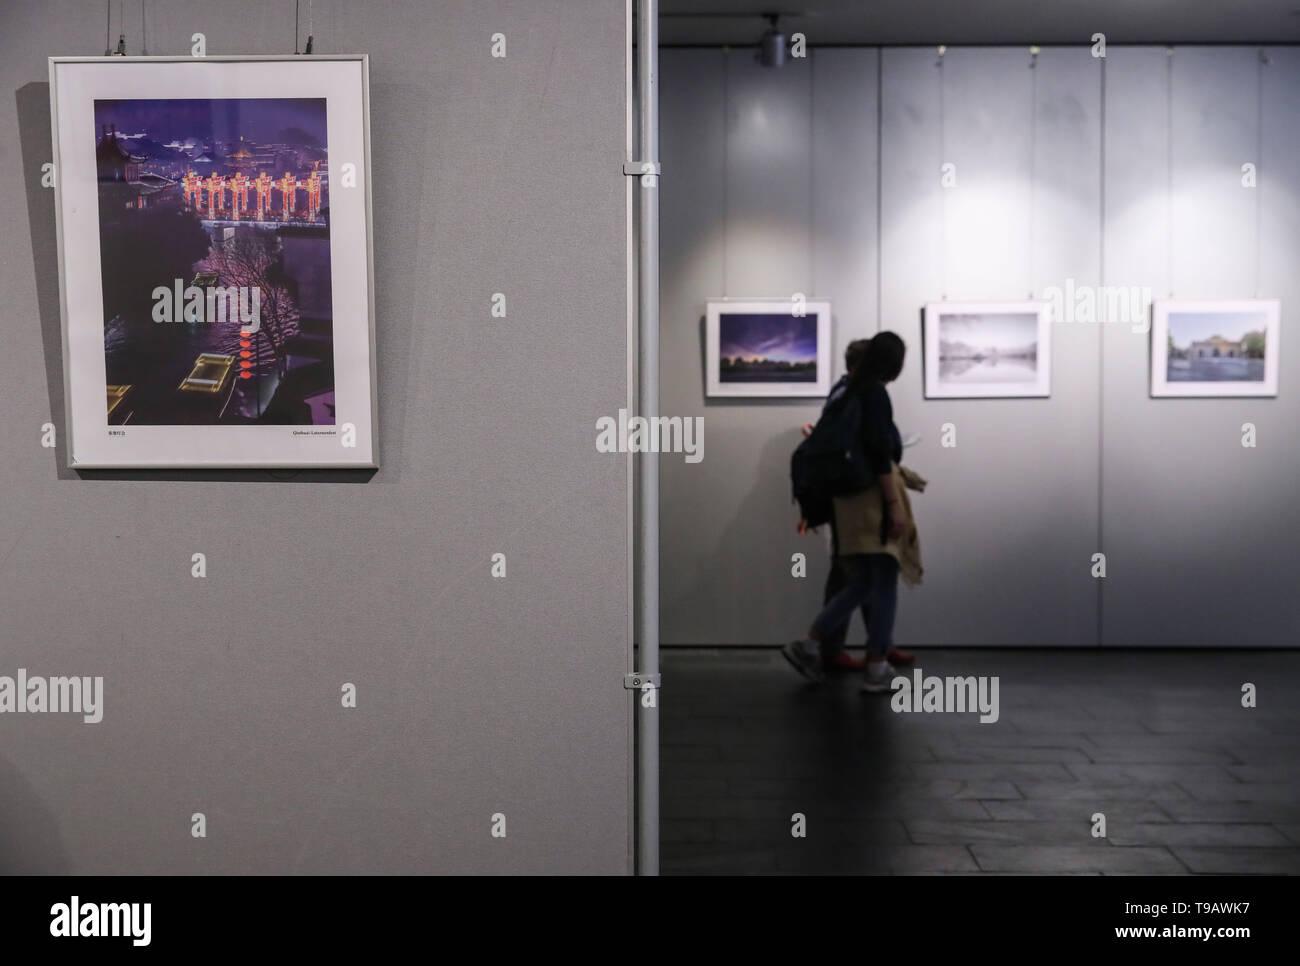 Berlino, Germania. Il 17 maggio 2019. Visitatori guarda le foto visualizzate durante la Nanjing culturali e turismo settimane alla Cina centro culturale di Berlino, capitale della Germania, il 17 maggio 2019. Credito: Shan Yuqi/Xinhua/Alamy Live News Foto Stock